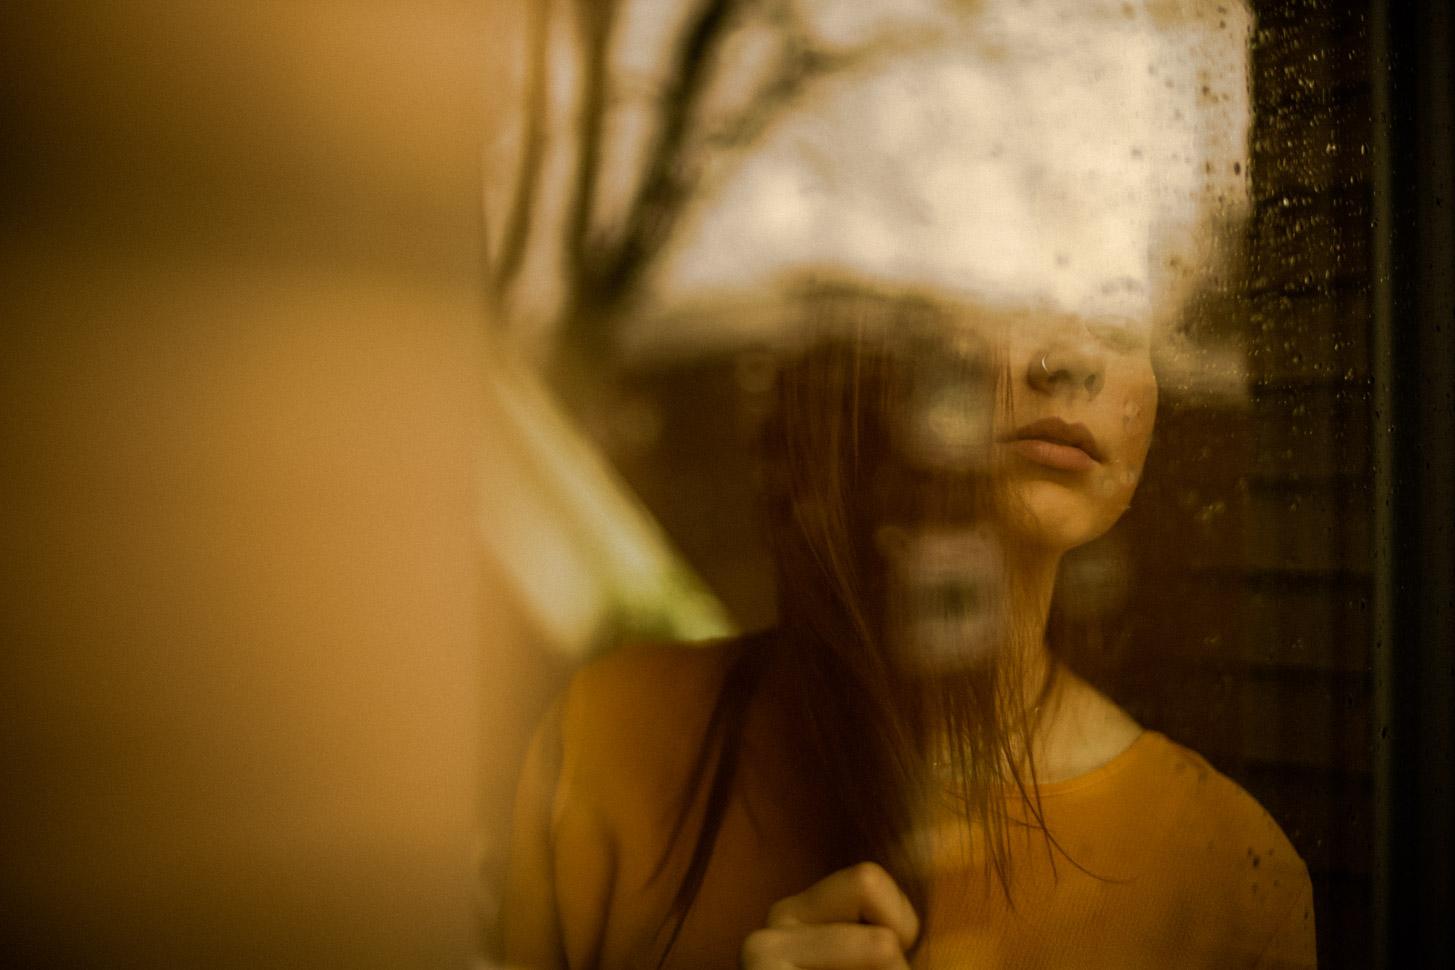 Frau blickt durch ein verregnetes Fenster nach draußen